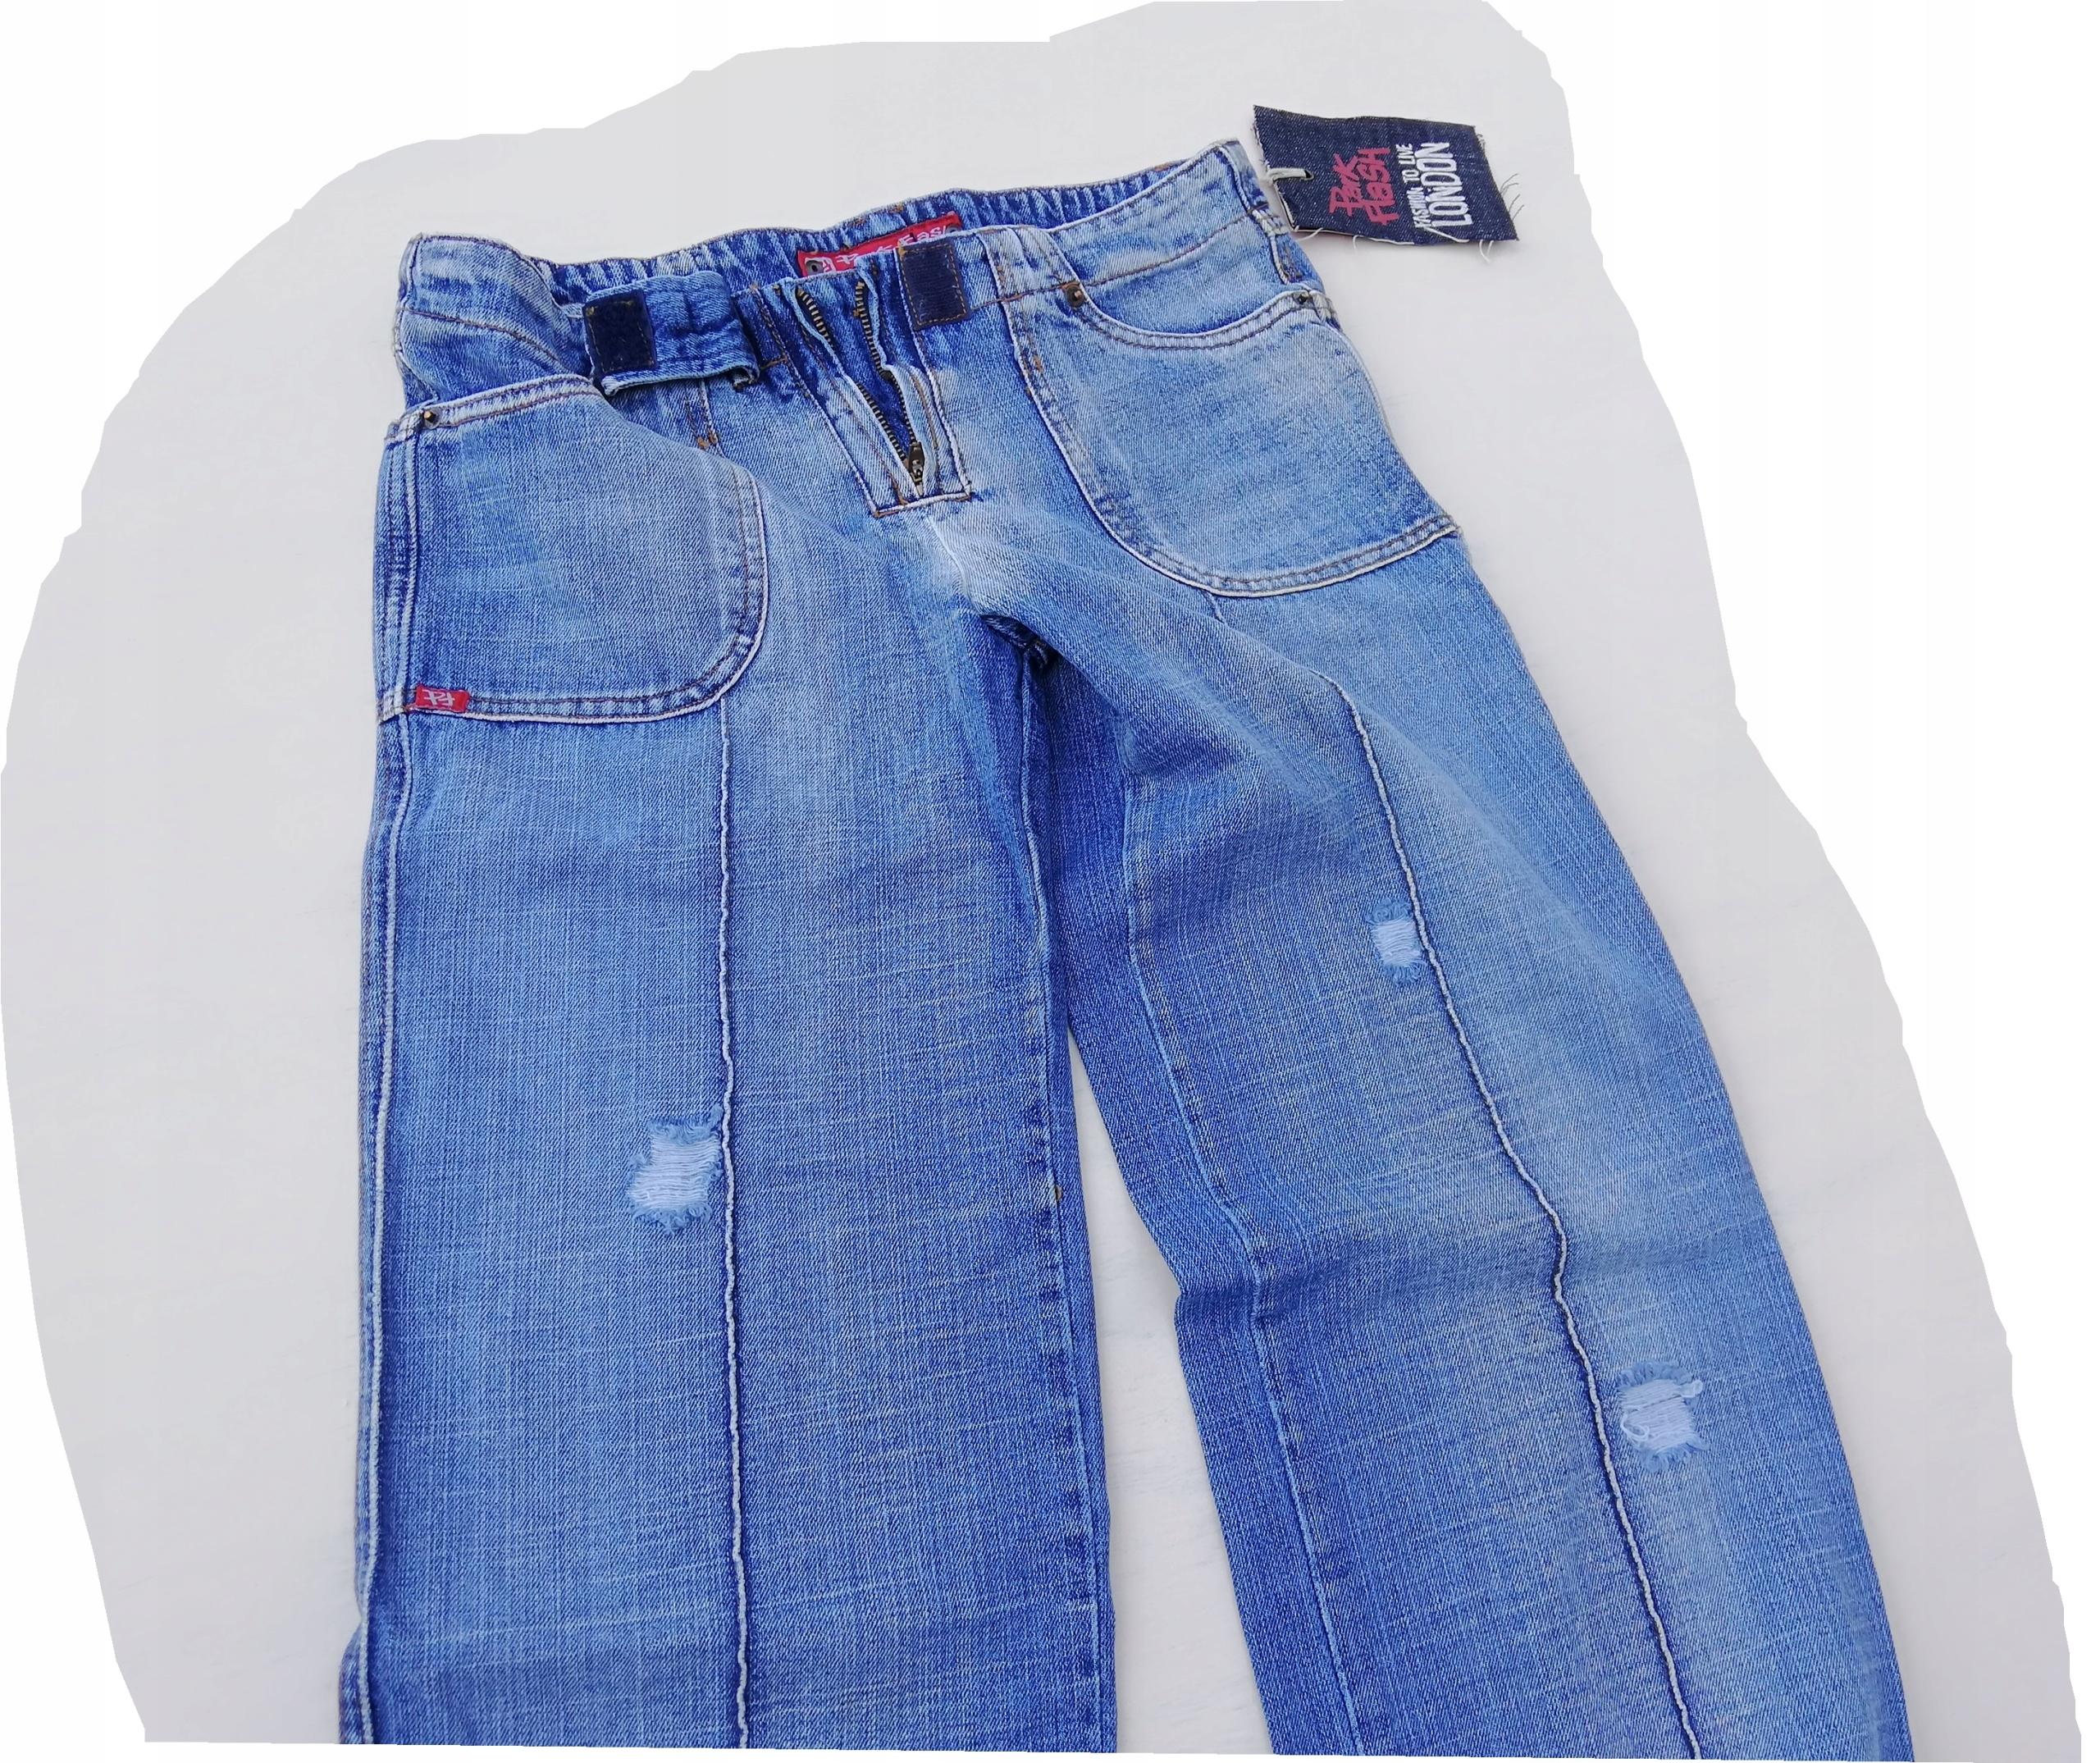 spodnie jeans damskie PARK FLASH dziury przetarcia